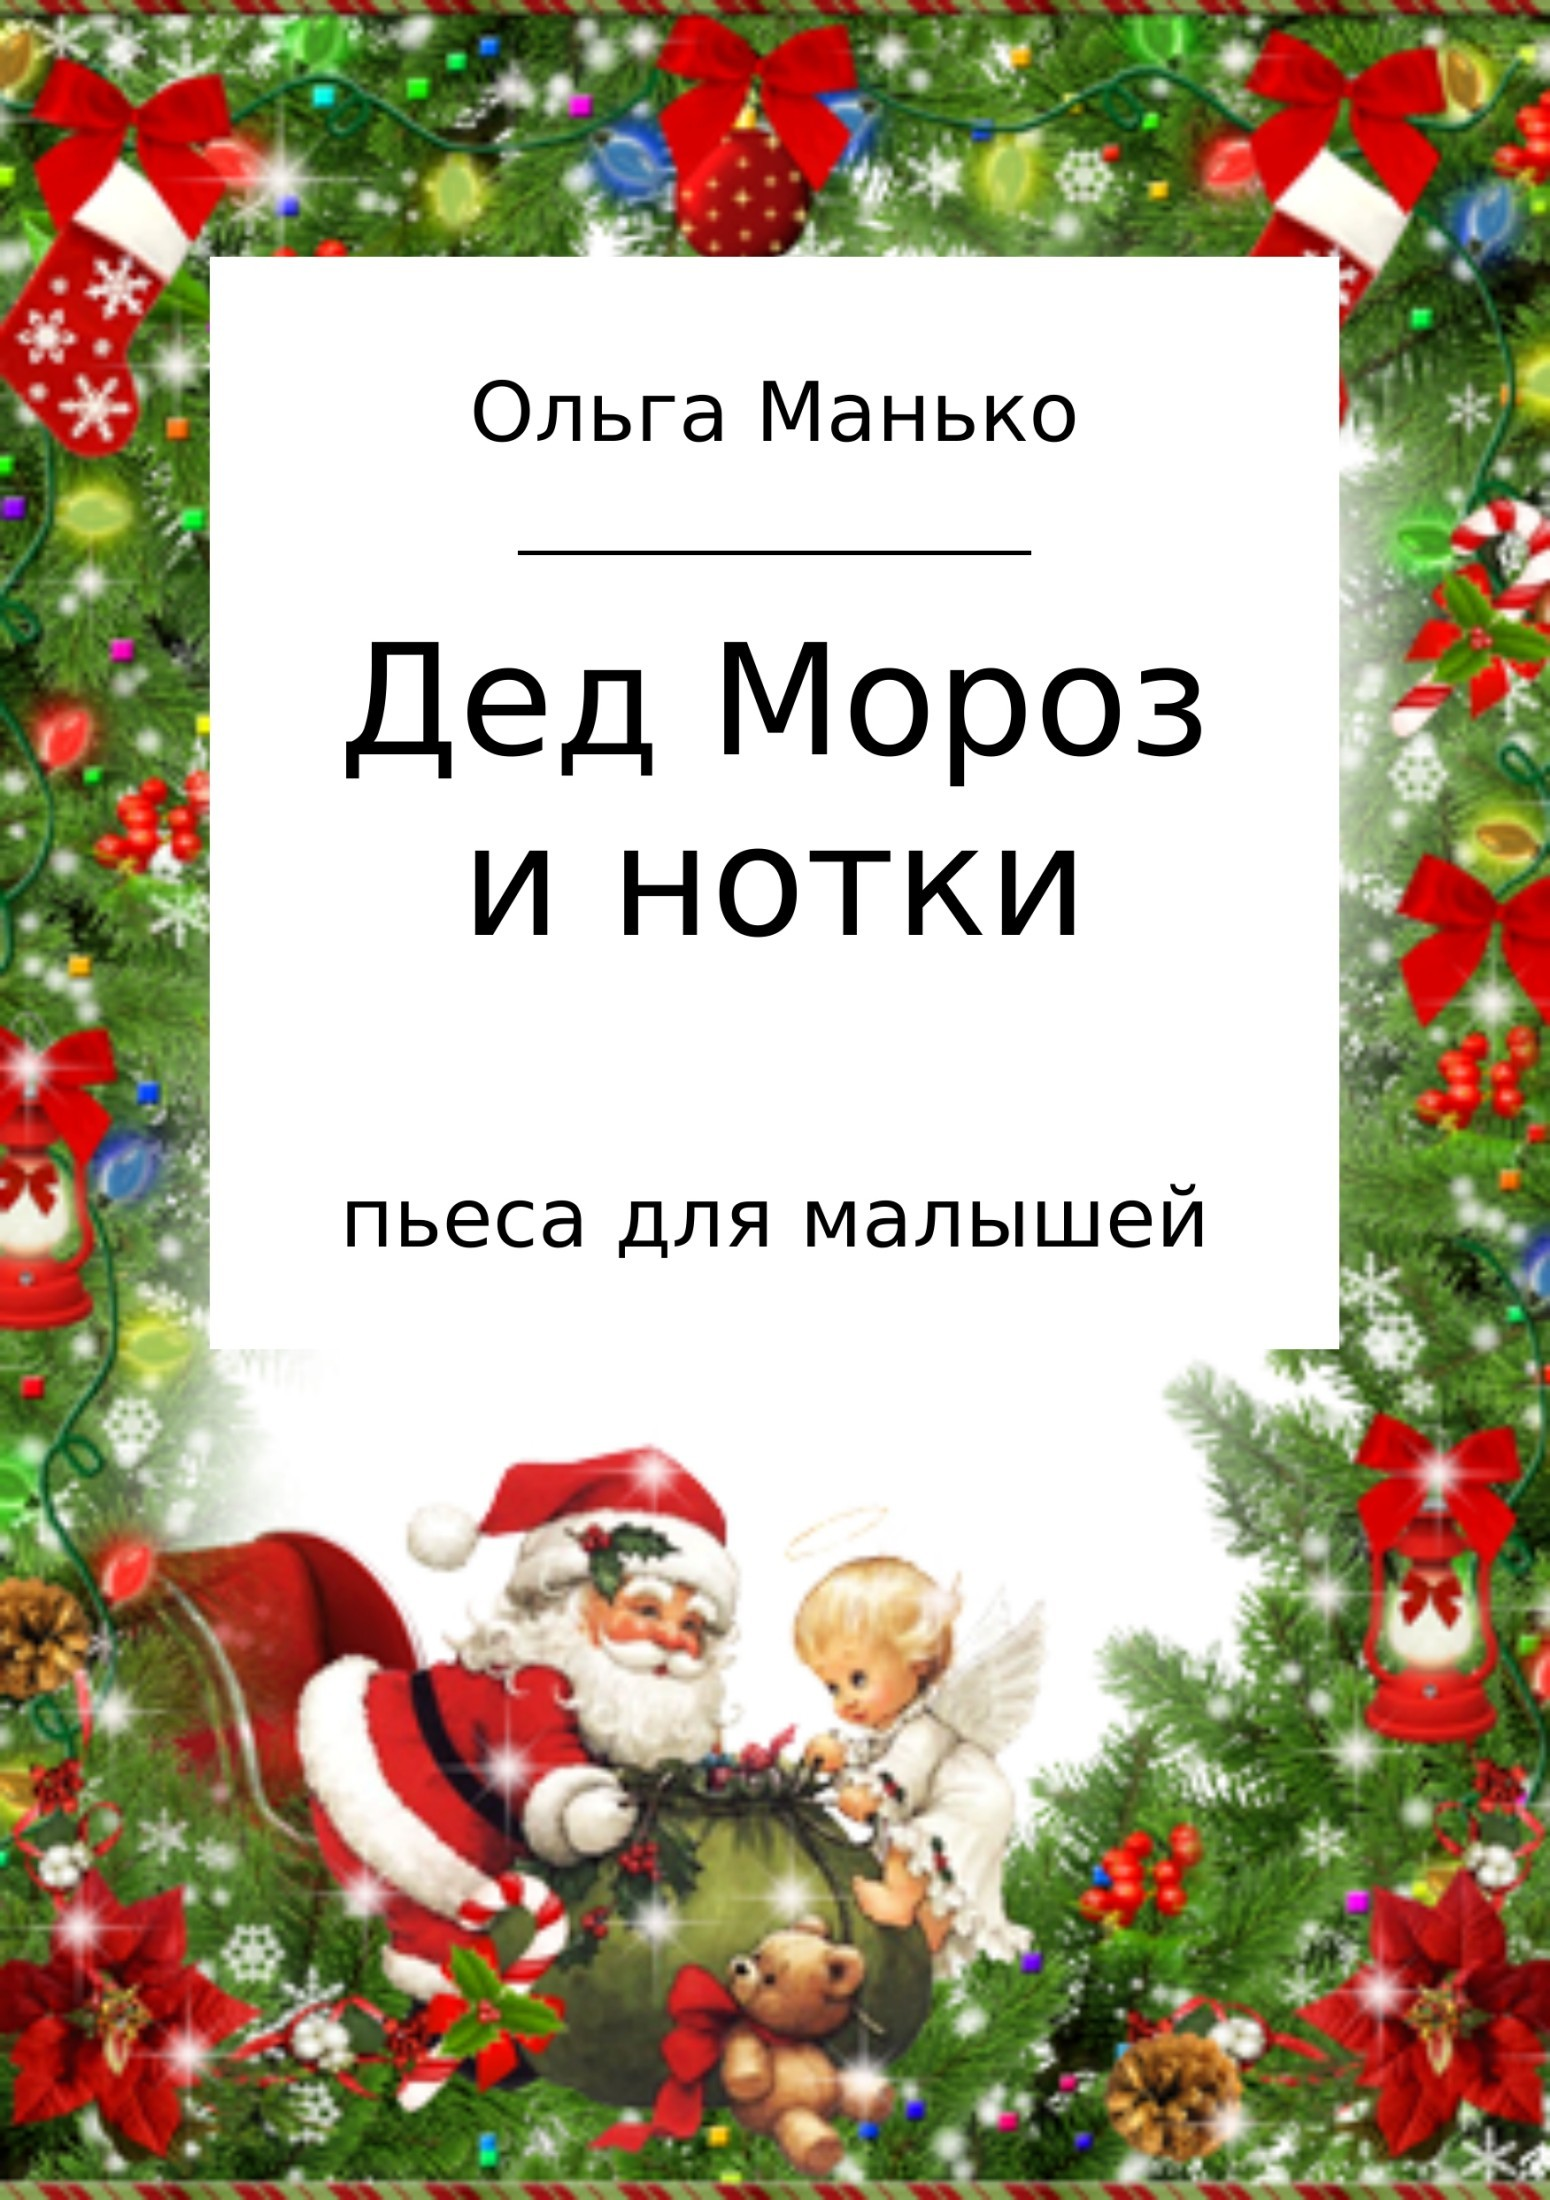 Ольга Владимировна Манько бесплатно